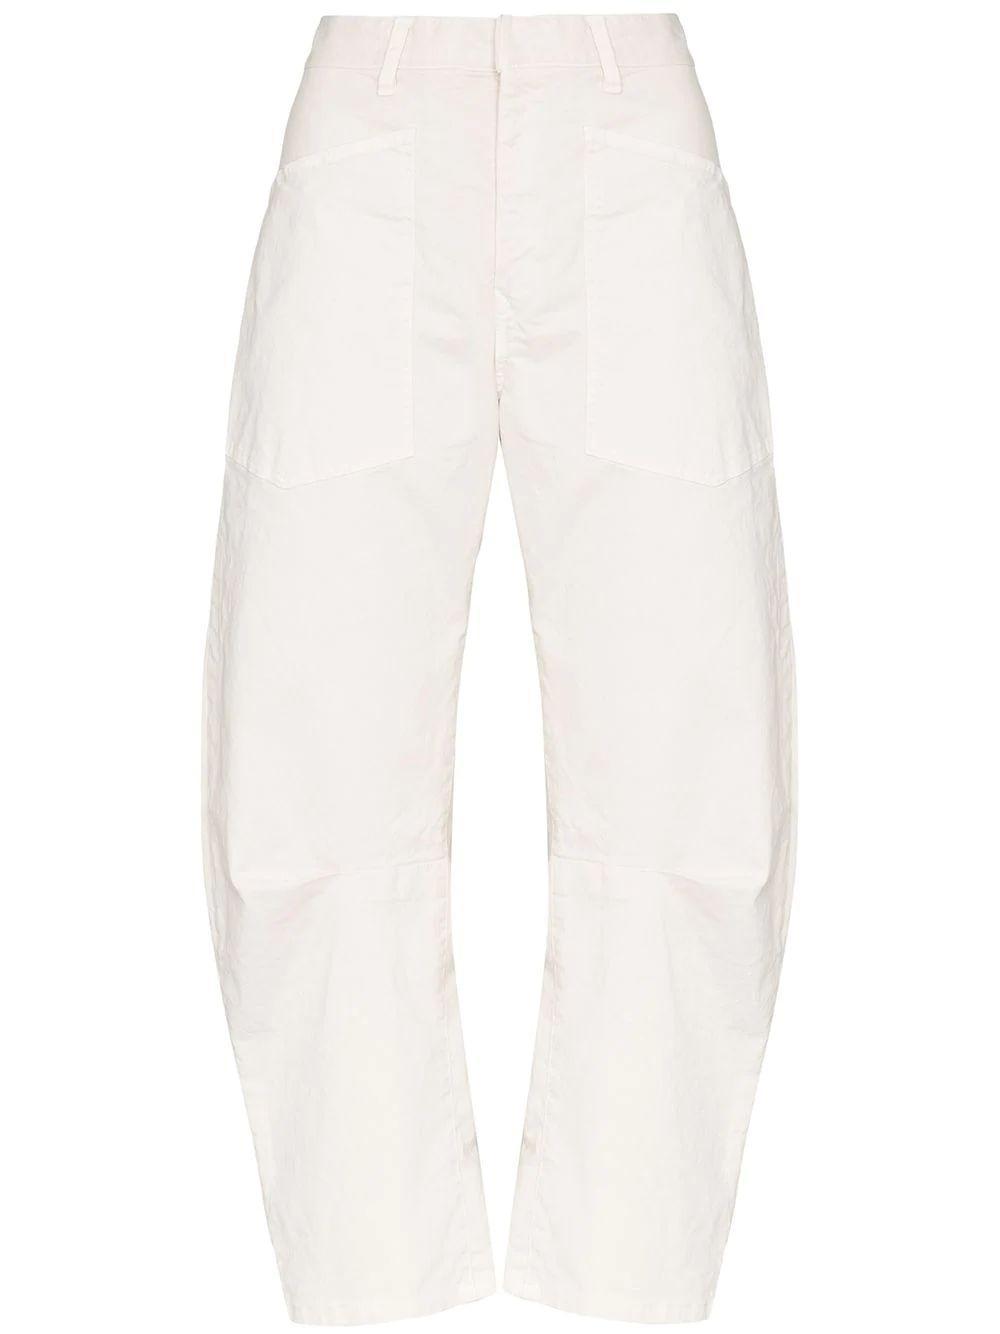 Shon Wide Leg Pant Item # 10193-W12